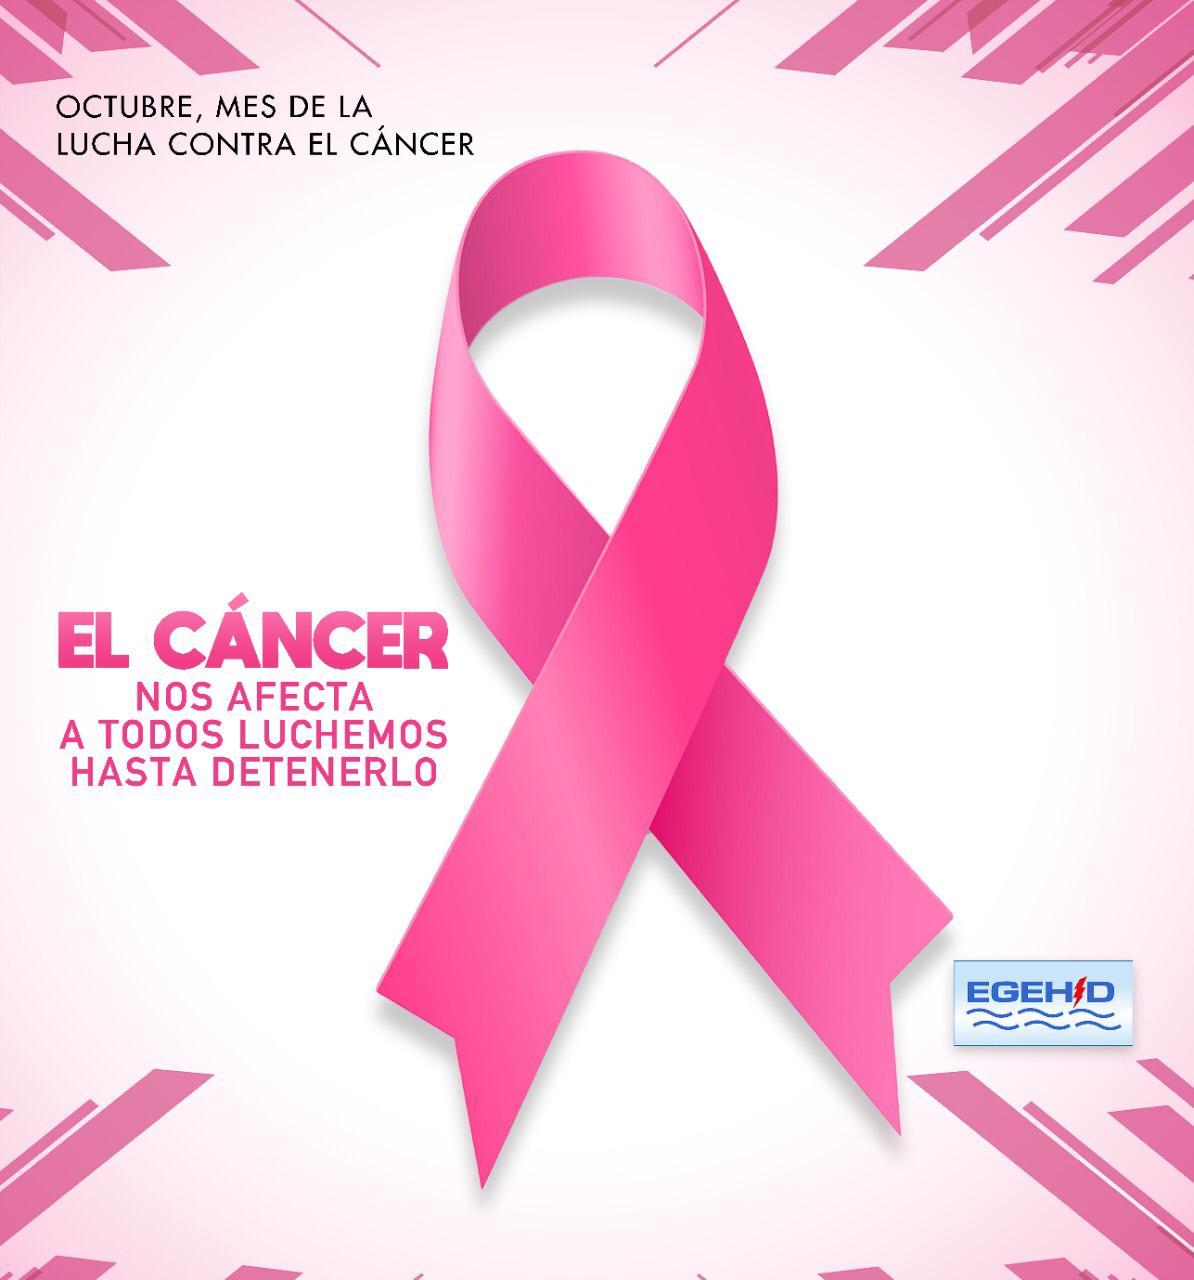 EGEHID se suma a la campaña de sensibilización sobre cáncer de mama